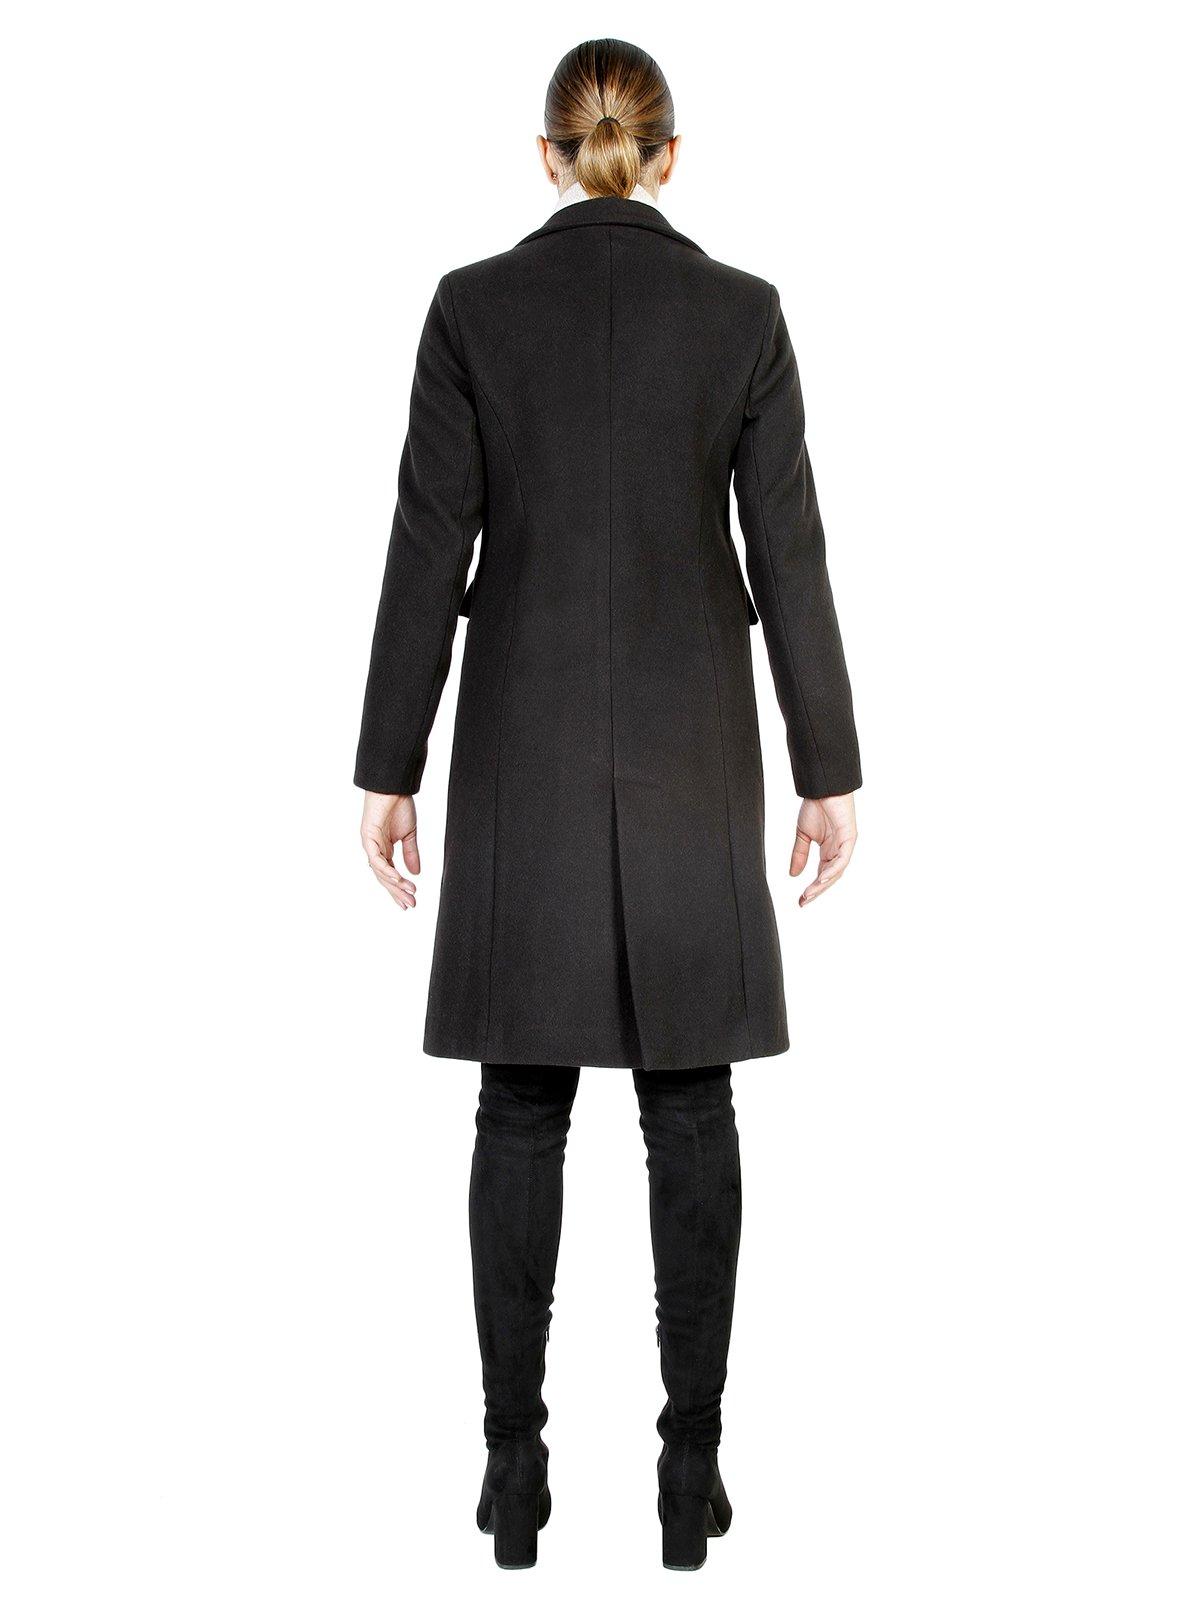 Пальто черное | 3749082 | фото 3